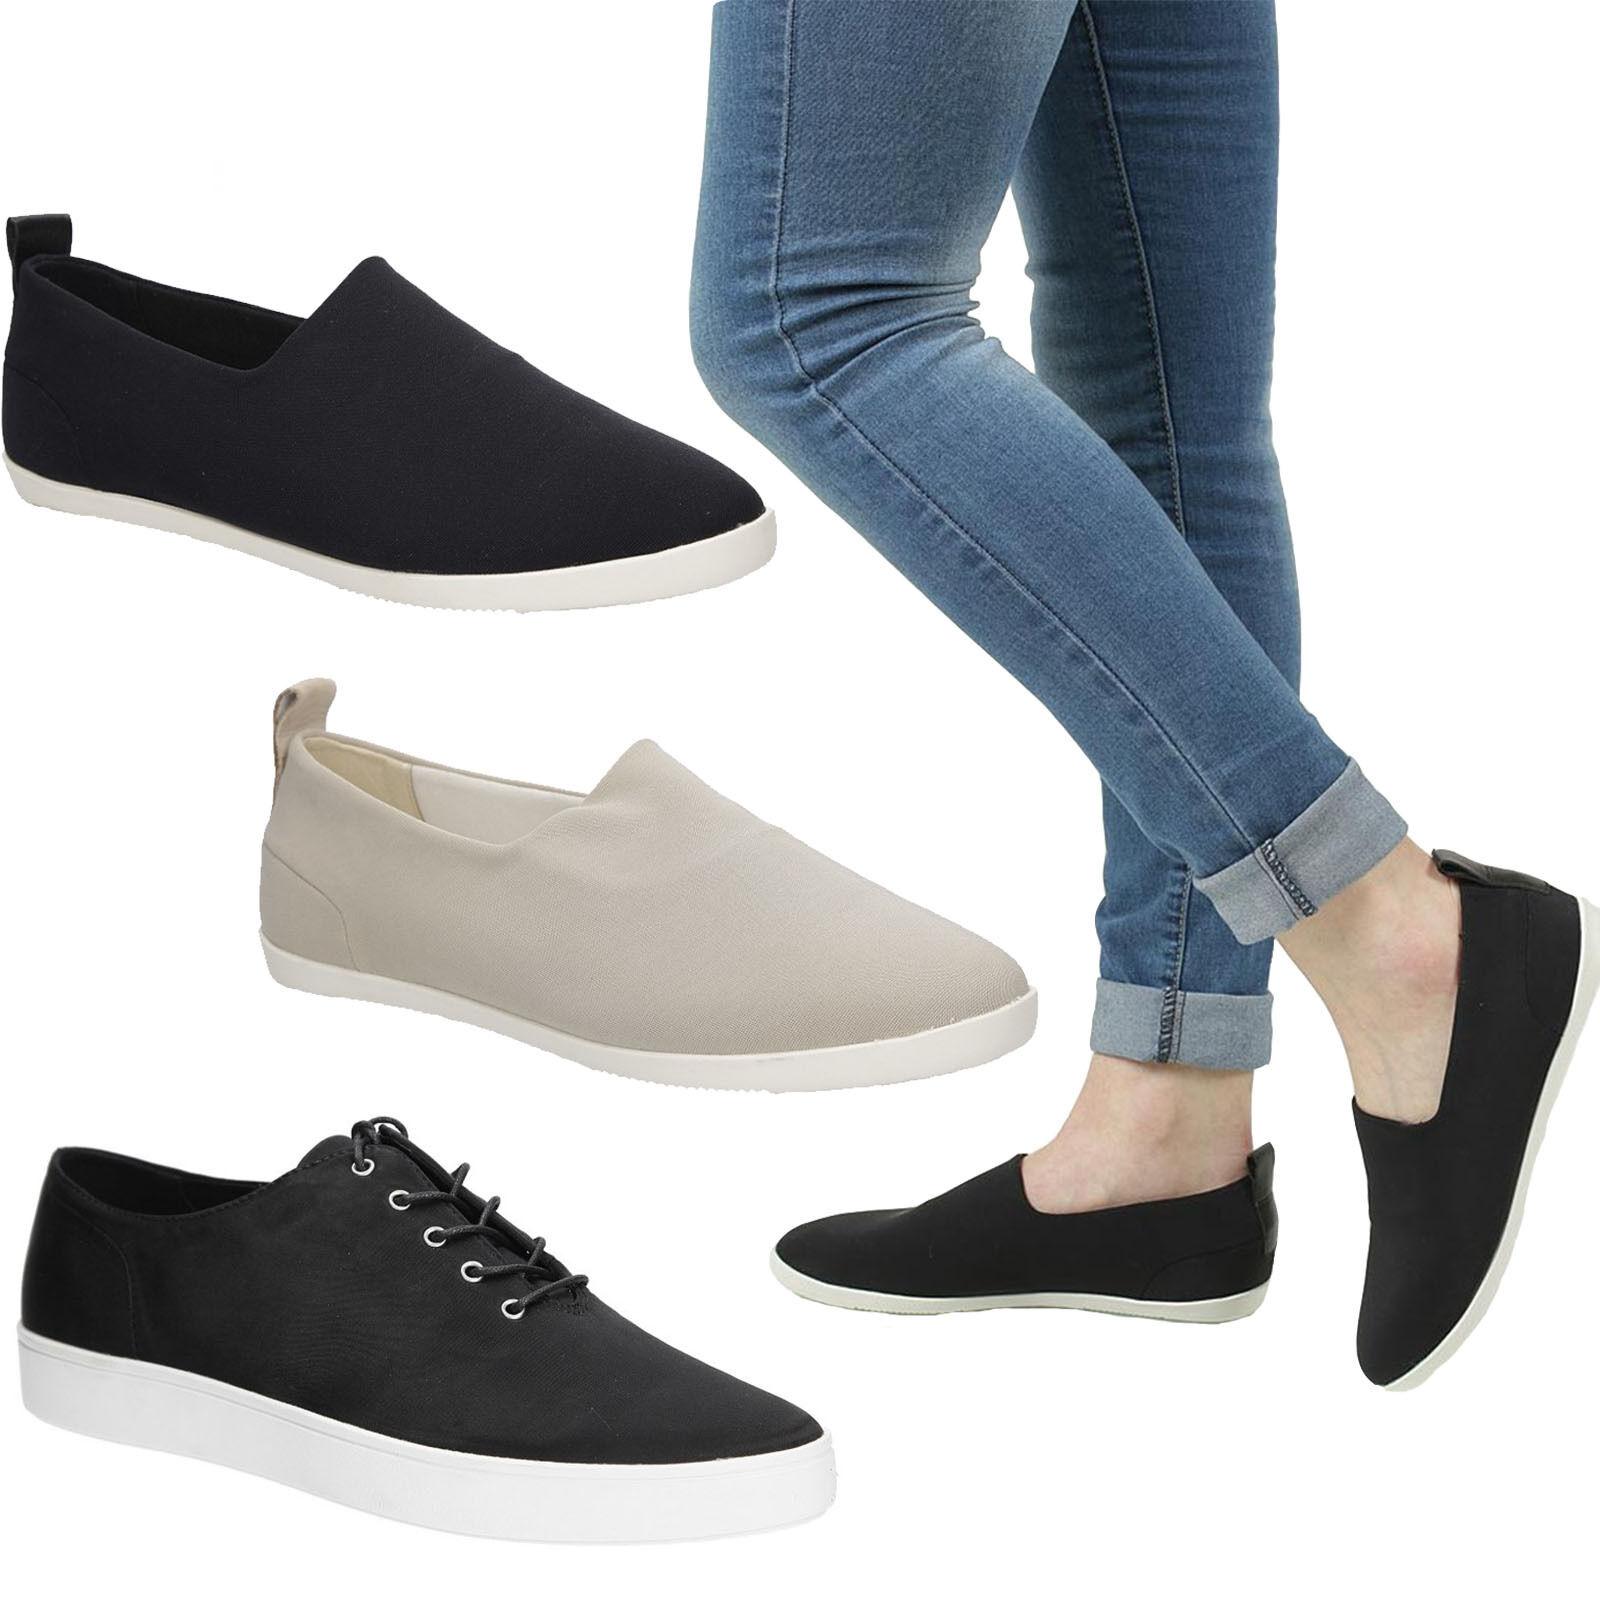 Señora zapato bajo bajo bajo Vagabond 4340-339 calzado deportivo cómomujerte a la moda talla 36-40 sale  compra en línea hoy